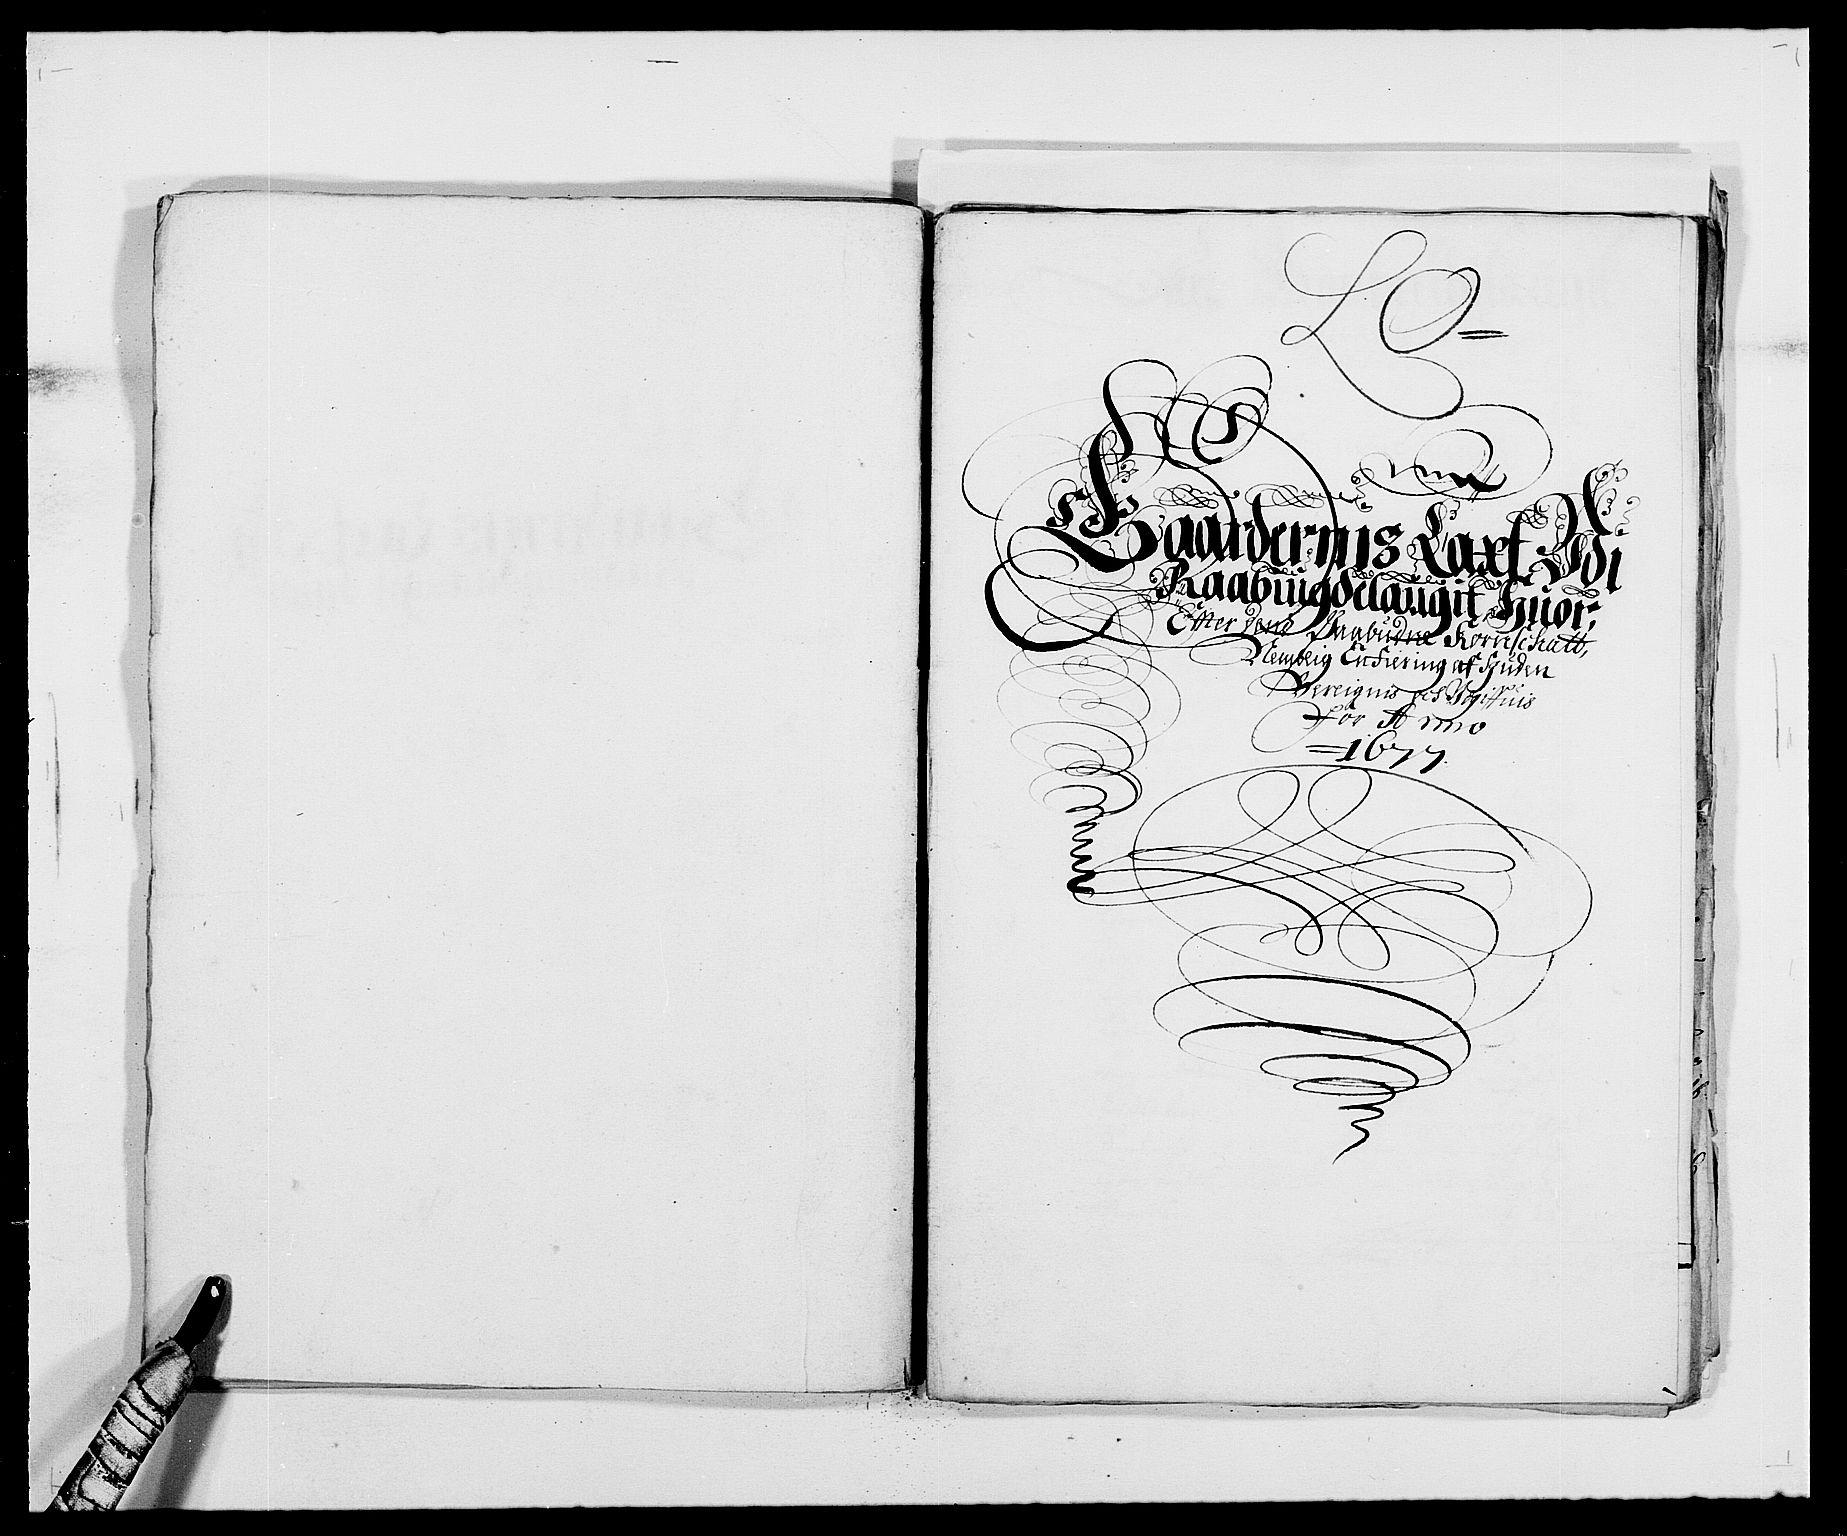 RA, Rentekammeret inntil 1814, Reviderte regnskaper, Fogderegnskap, R40/L2435: Fogderegnskap Råbyggelag, 1677-1678, s. 110